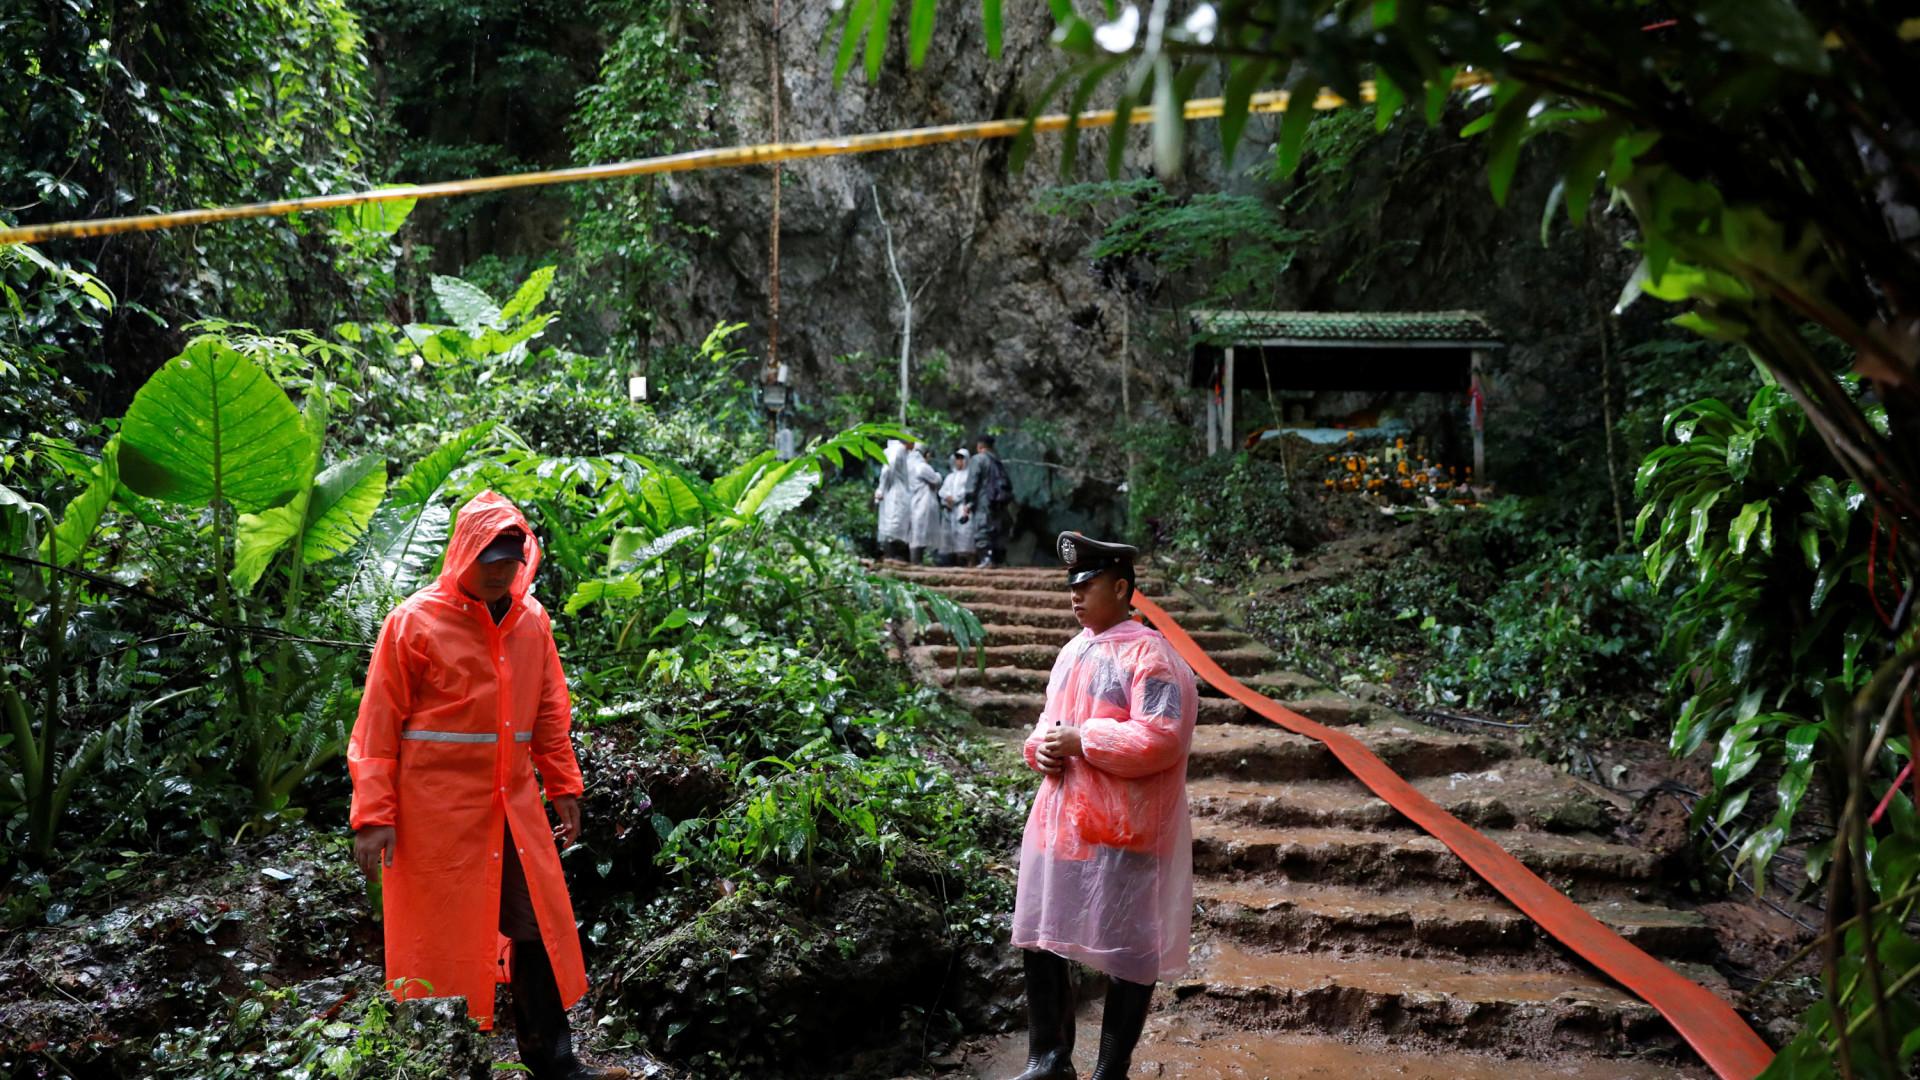 Horas após resgate, começa trovoada e chuva torrencial na Tailândia